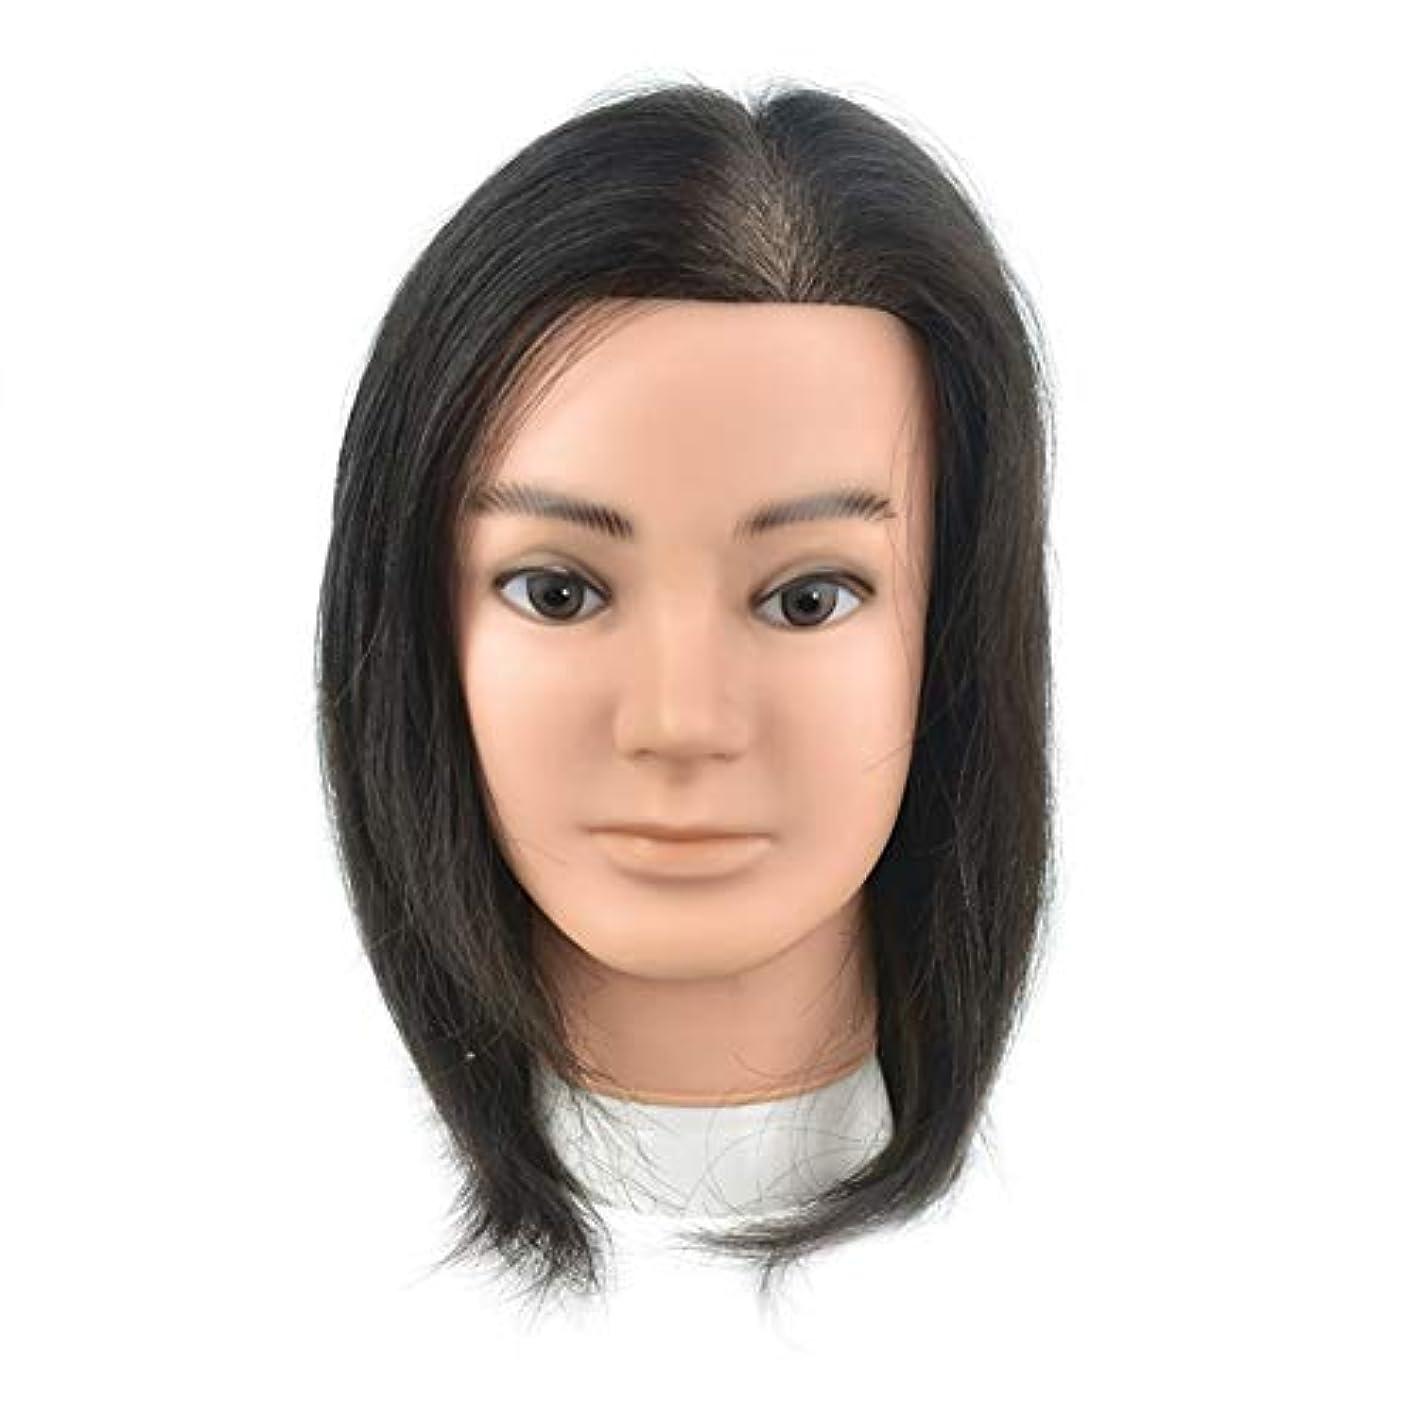 愛人疑い者襲撃リアルヘアスタイリングマネキンヘッド女性ヘッドモデル教育ヘッド理髪店編組ヘア染色学習ダミーヘッド